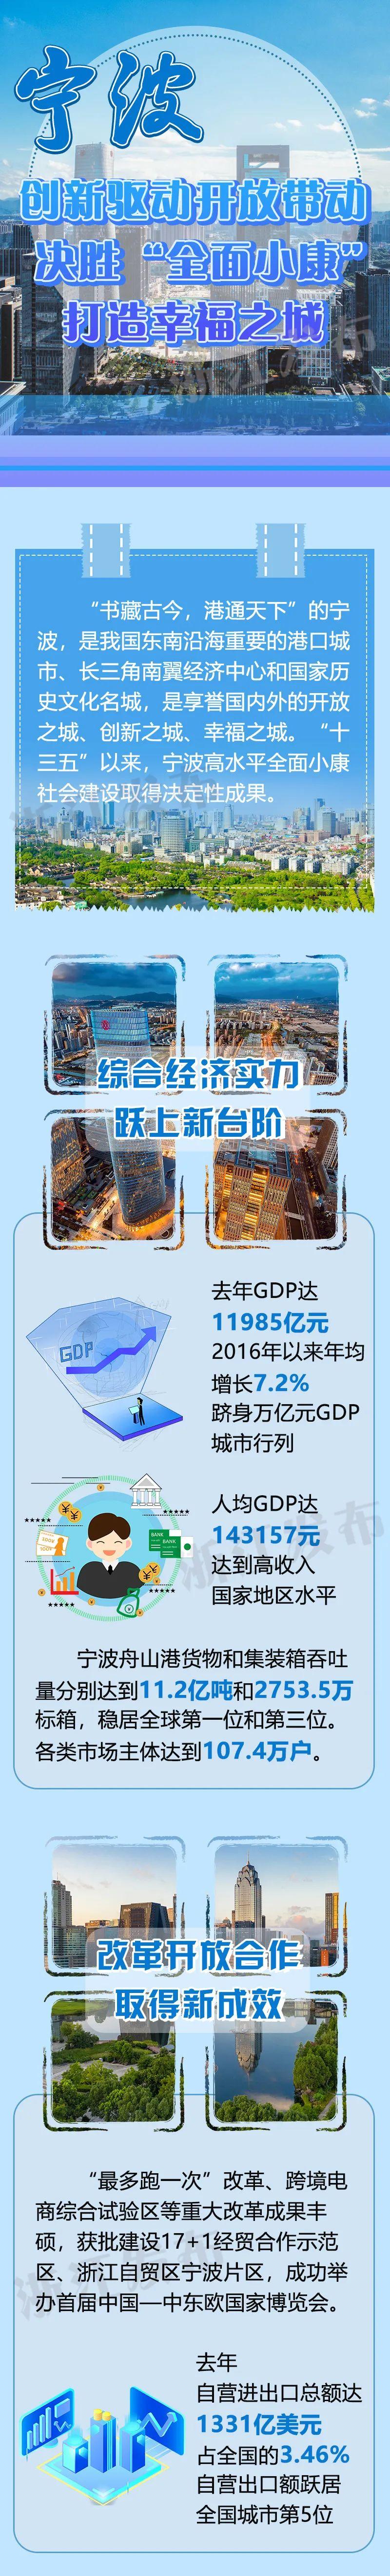 """11年获评中国最具幸福感城市有啥""""秘诀""""?融入长三角,宁波有哪些重大交通项目?权威解答看过来图片"""